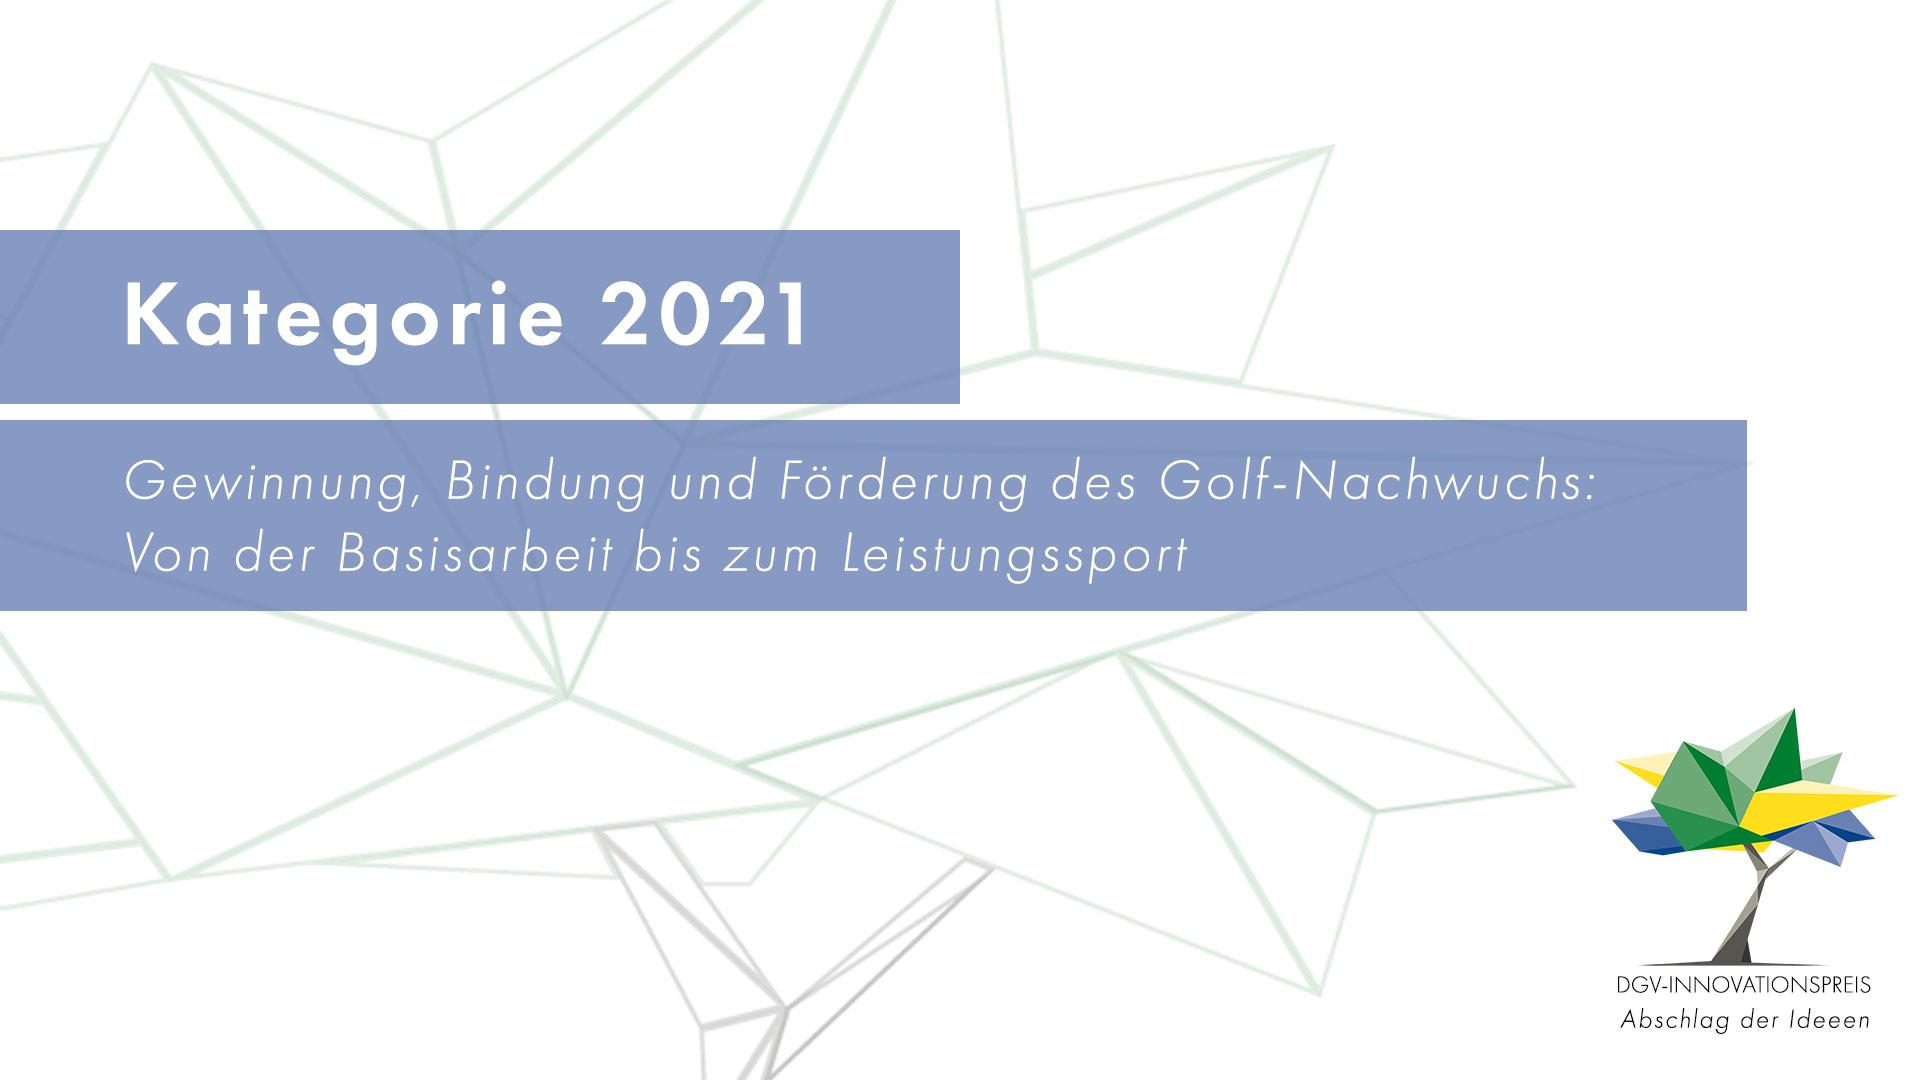 DGV-Innovationspreis prämiert 2021 Aktionen und Projekte zur Nachwuchsgewinnung